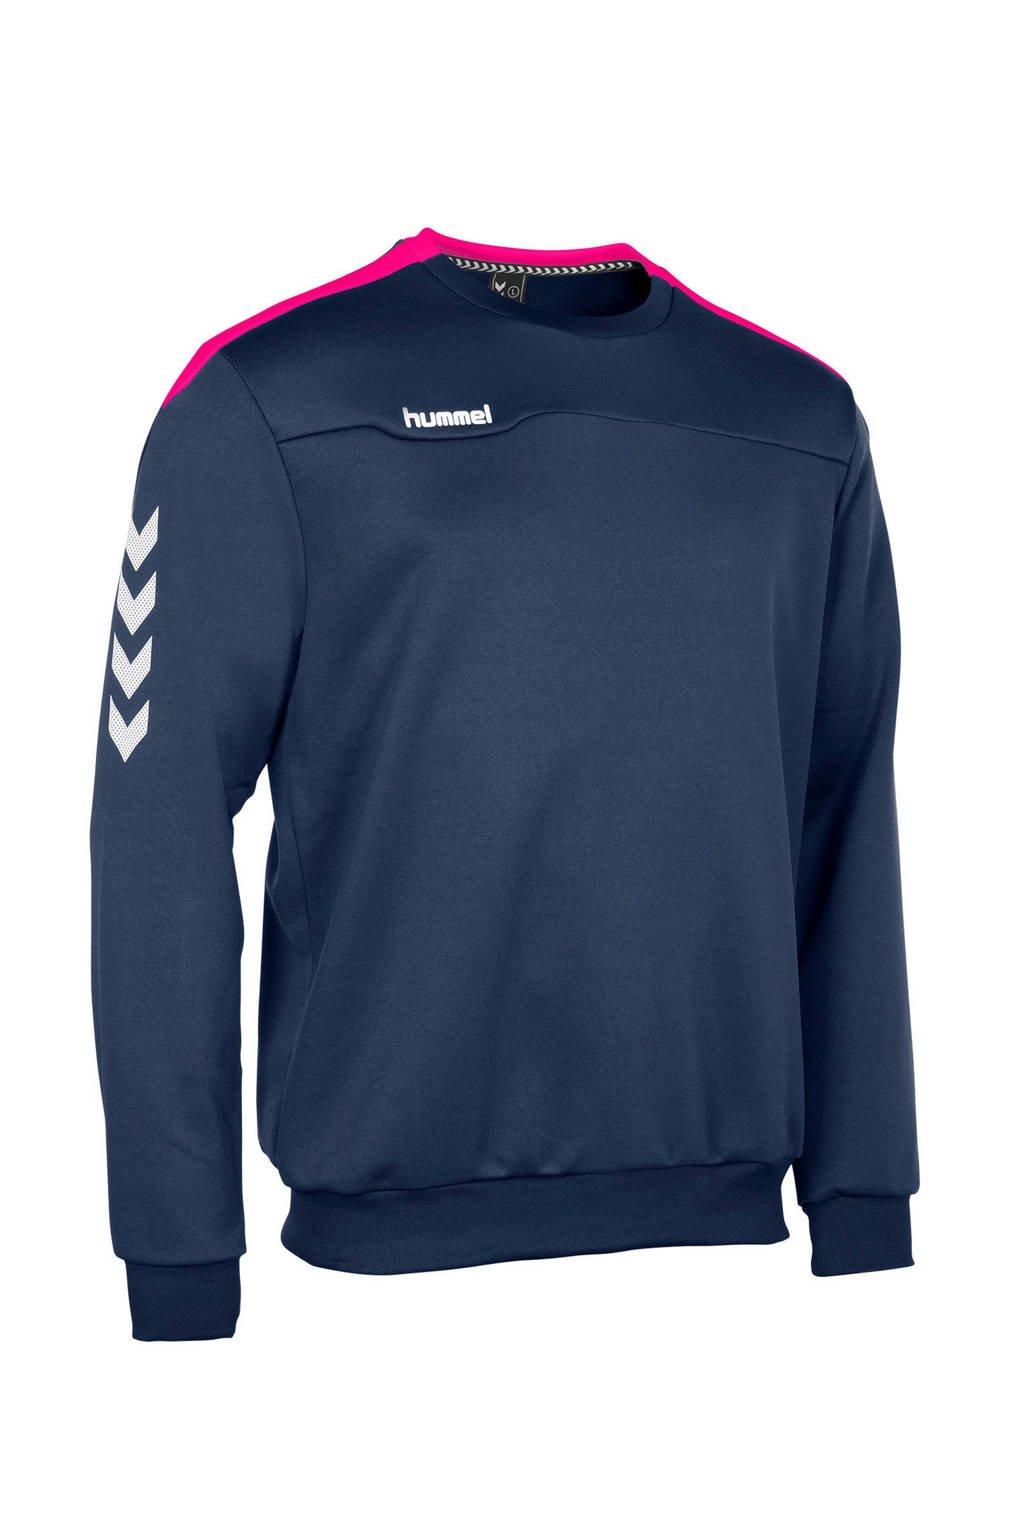 hummel   sportsweater donkerblauw, Donkerblauw/roze/wit, Jongens